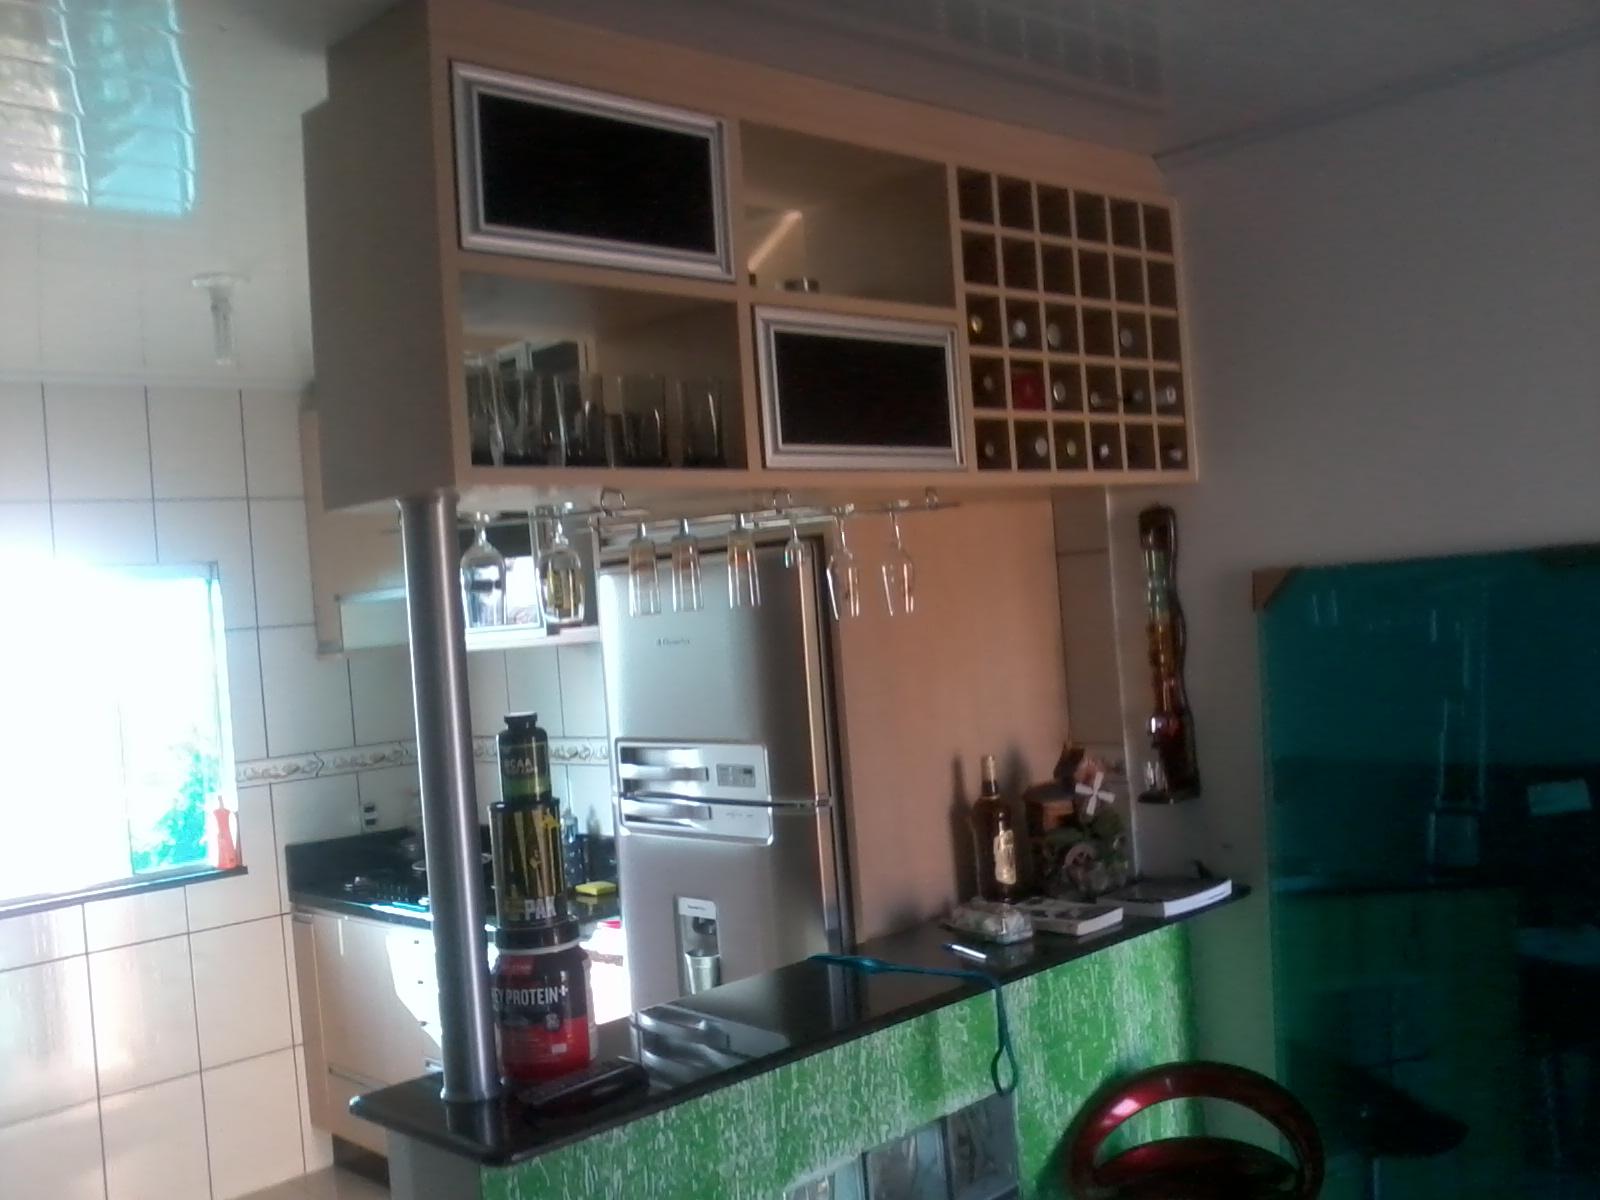 Formularte móveis sob medidas: Cozinha sob medida com mini bar #356849 1600 1200